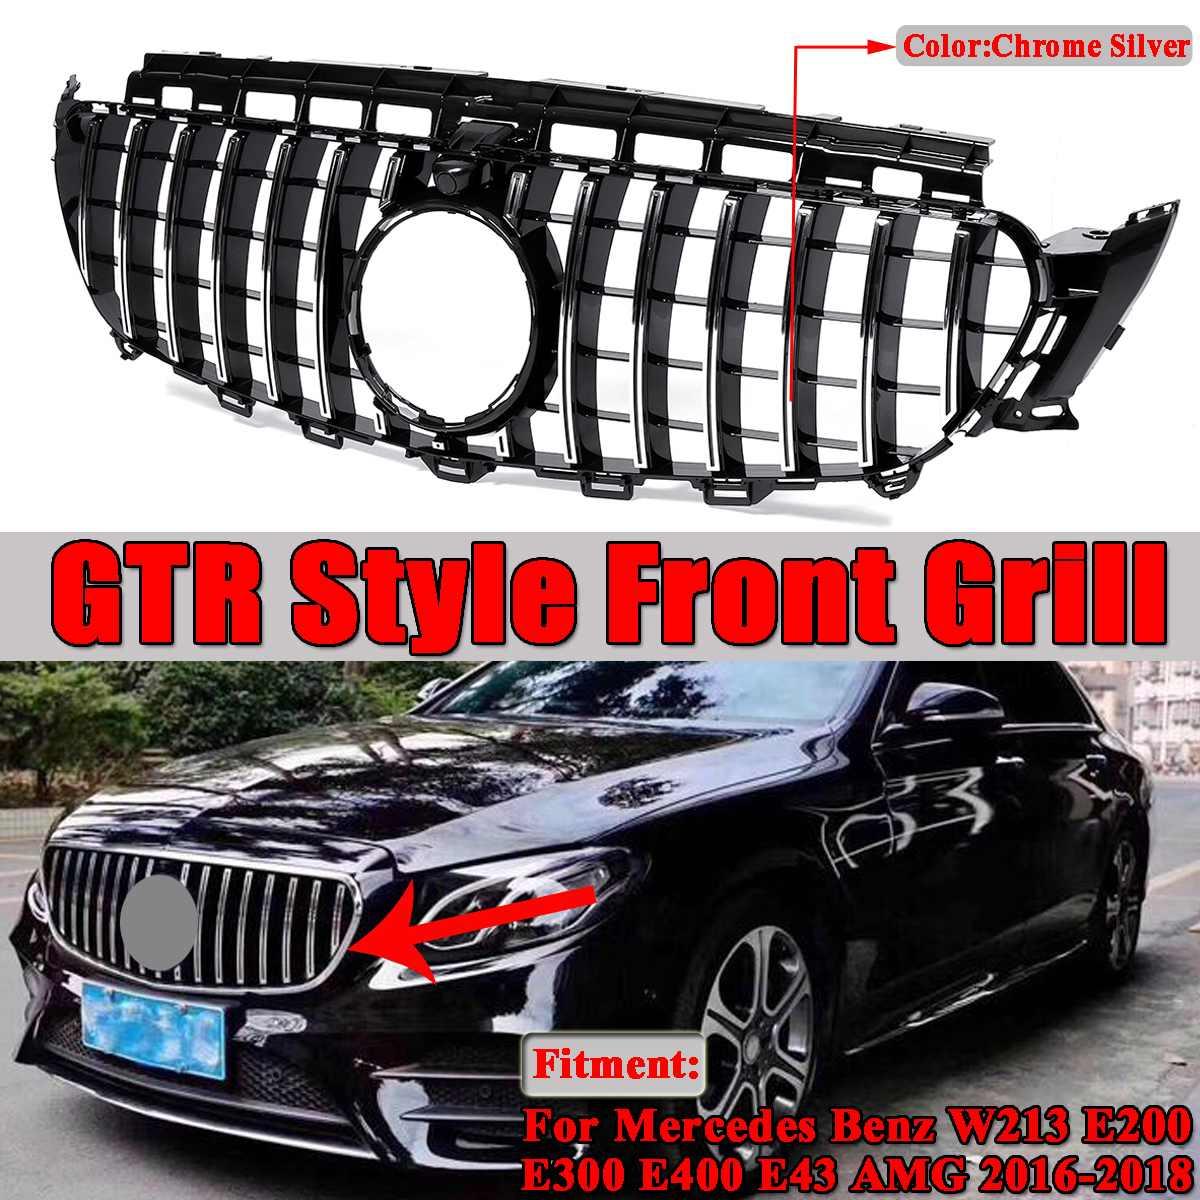 1x GT R/יהלומי סגנון W213 Grlil רכב קדמי גריל למרצדס לנץ W213 E200 E300 E400 E43 עבור AMG 2016 2017 2018 2019